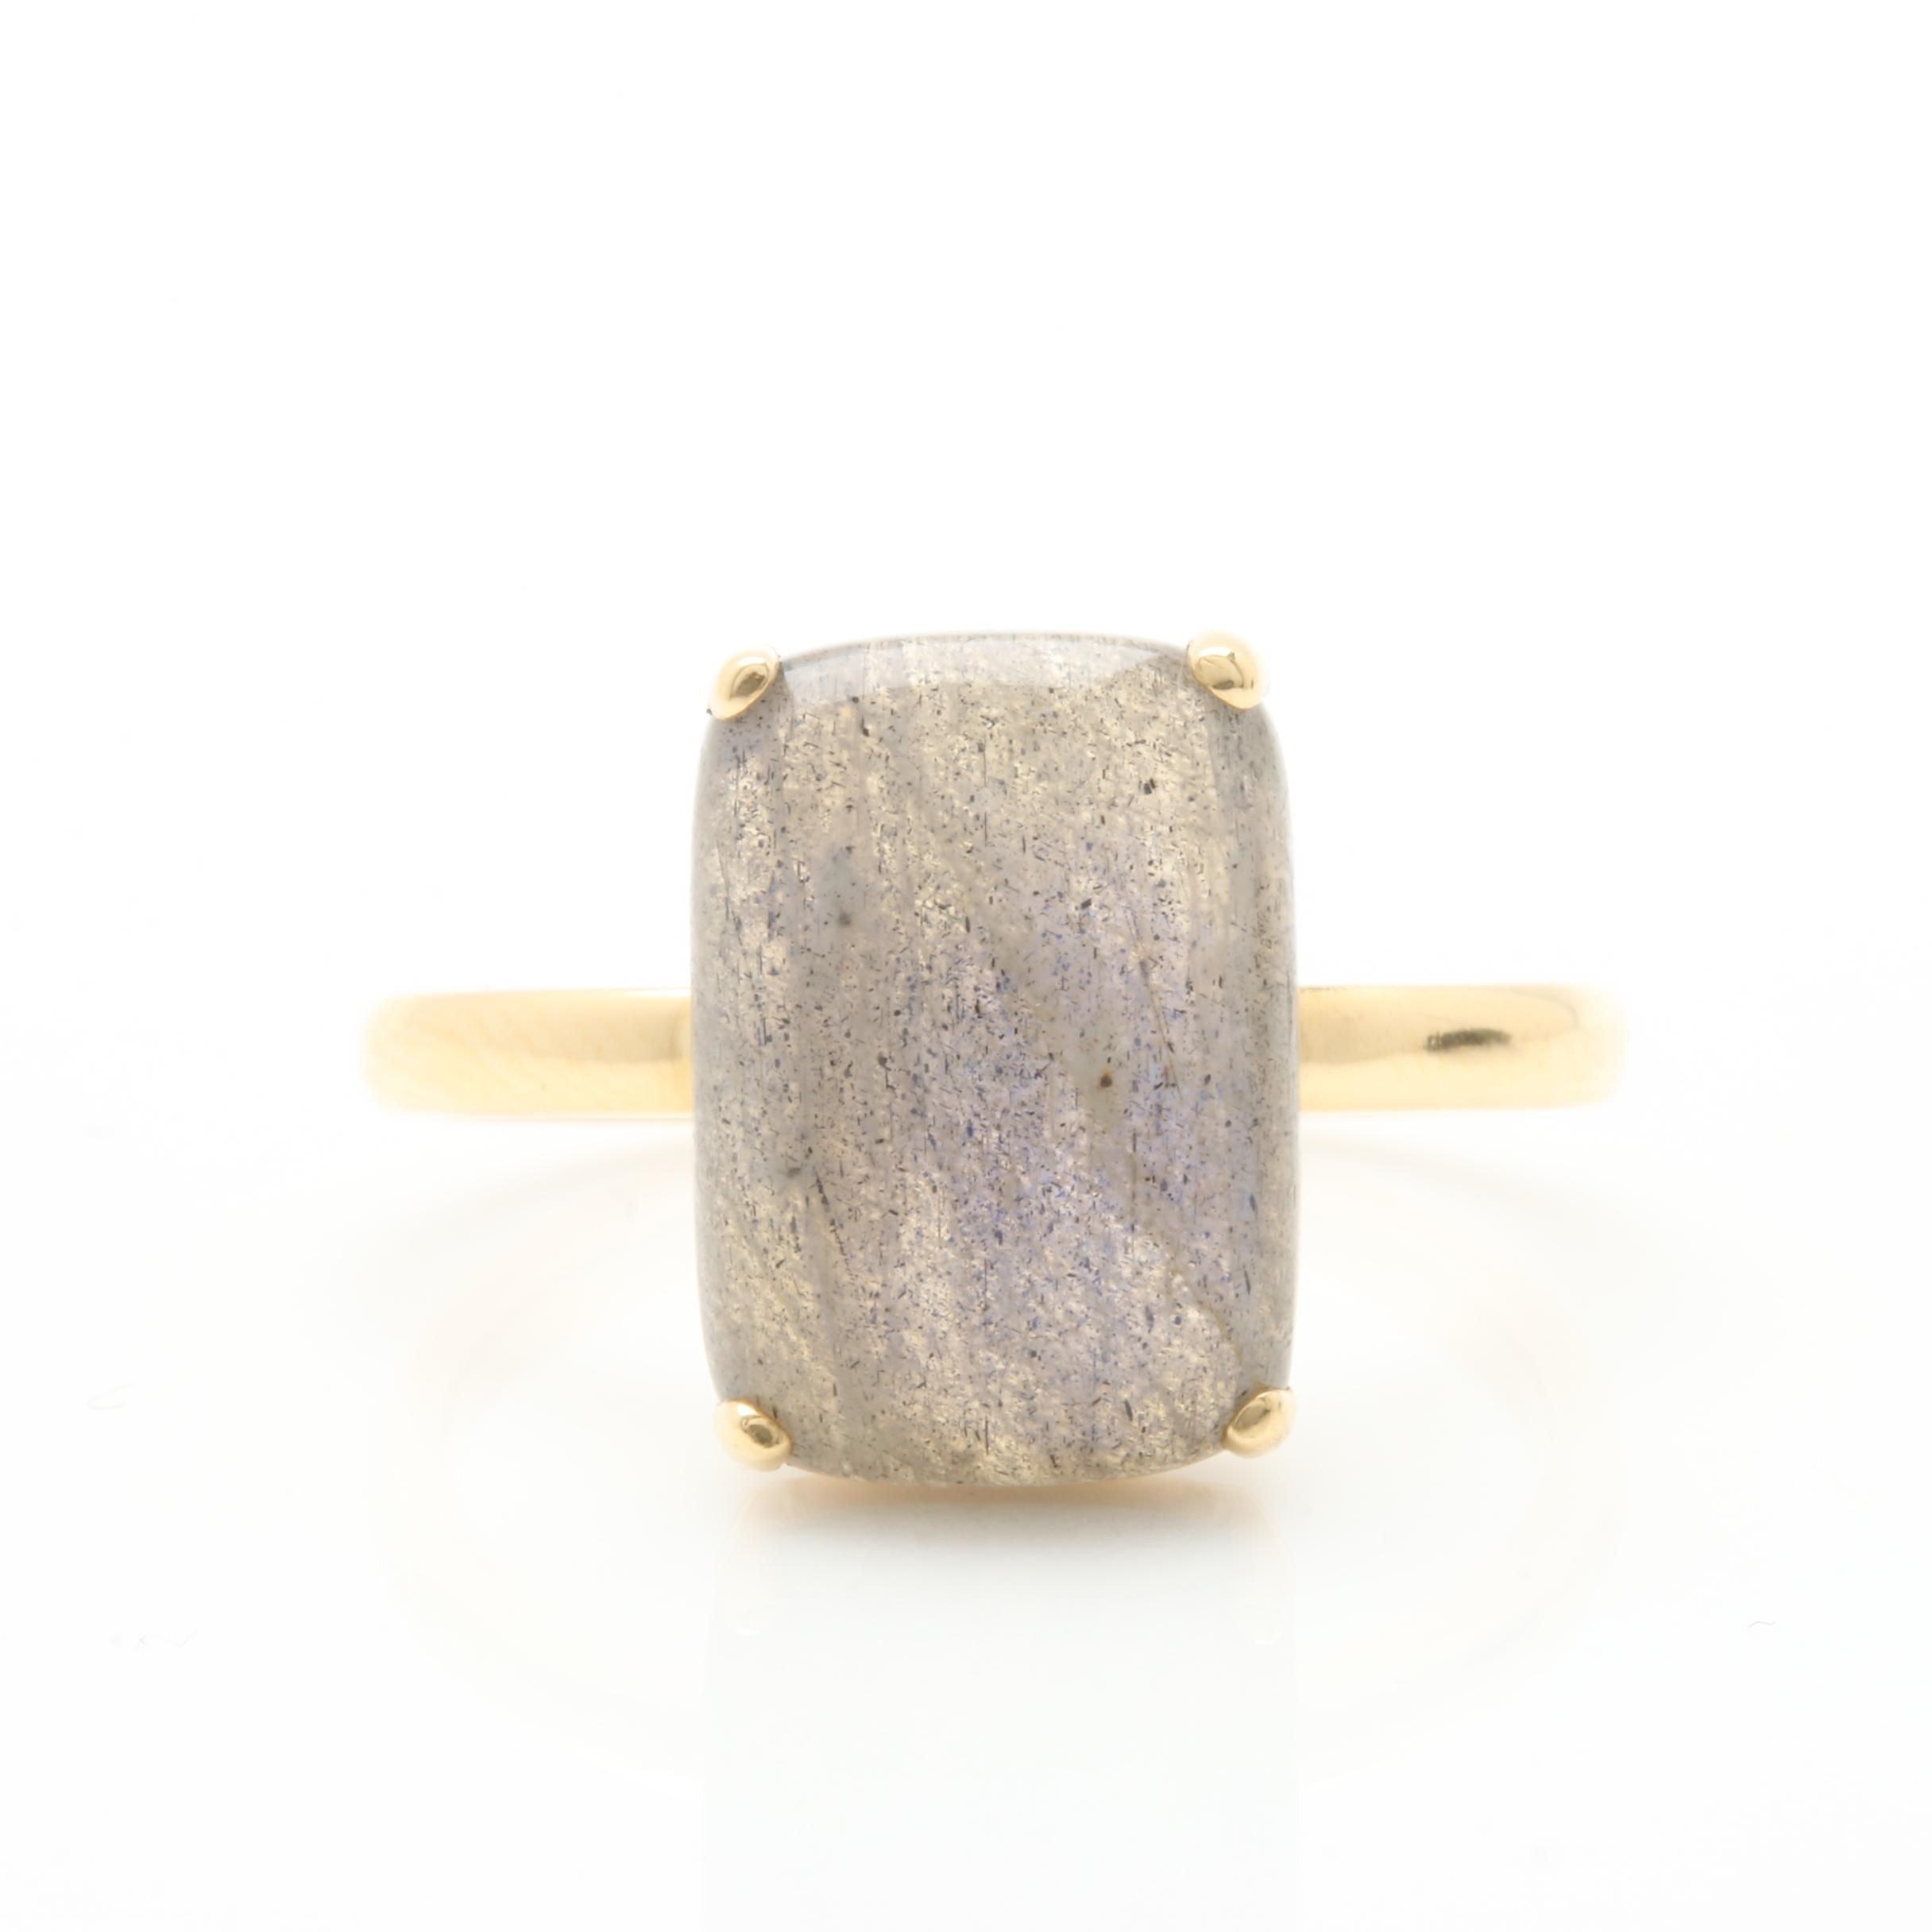 18K Yellow Gold Labradorite Ring